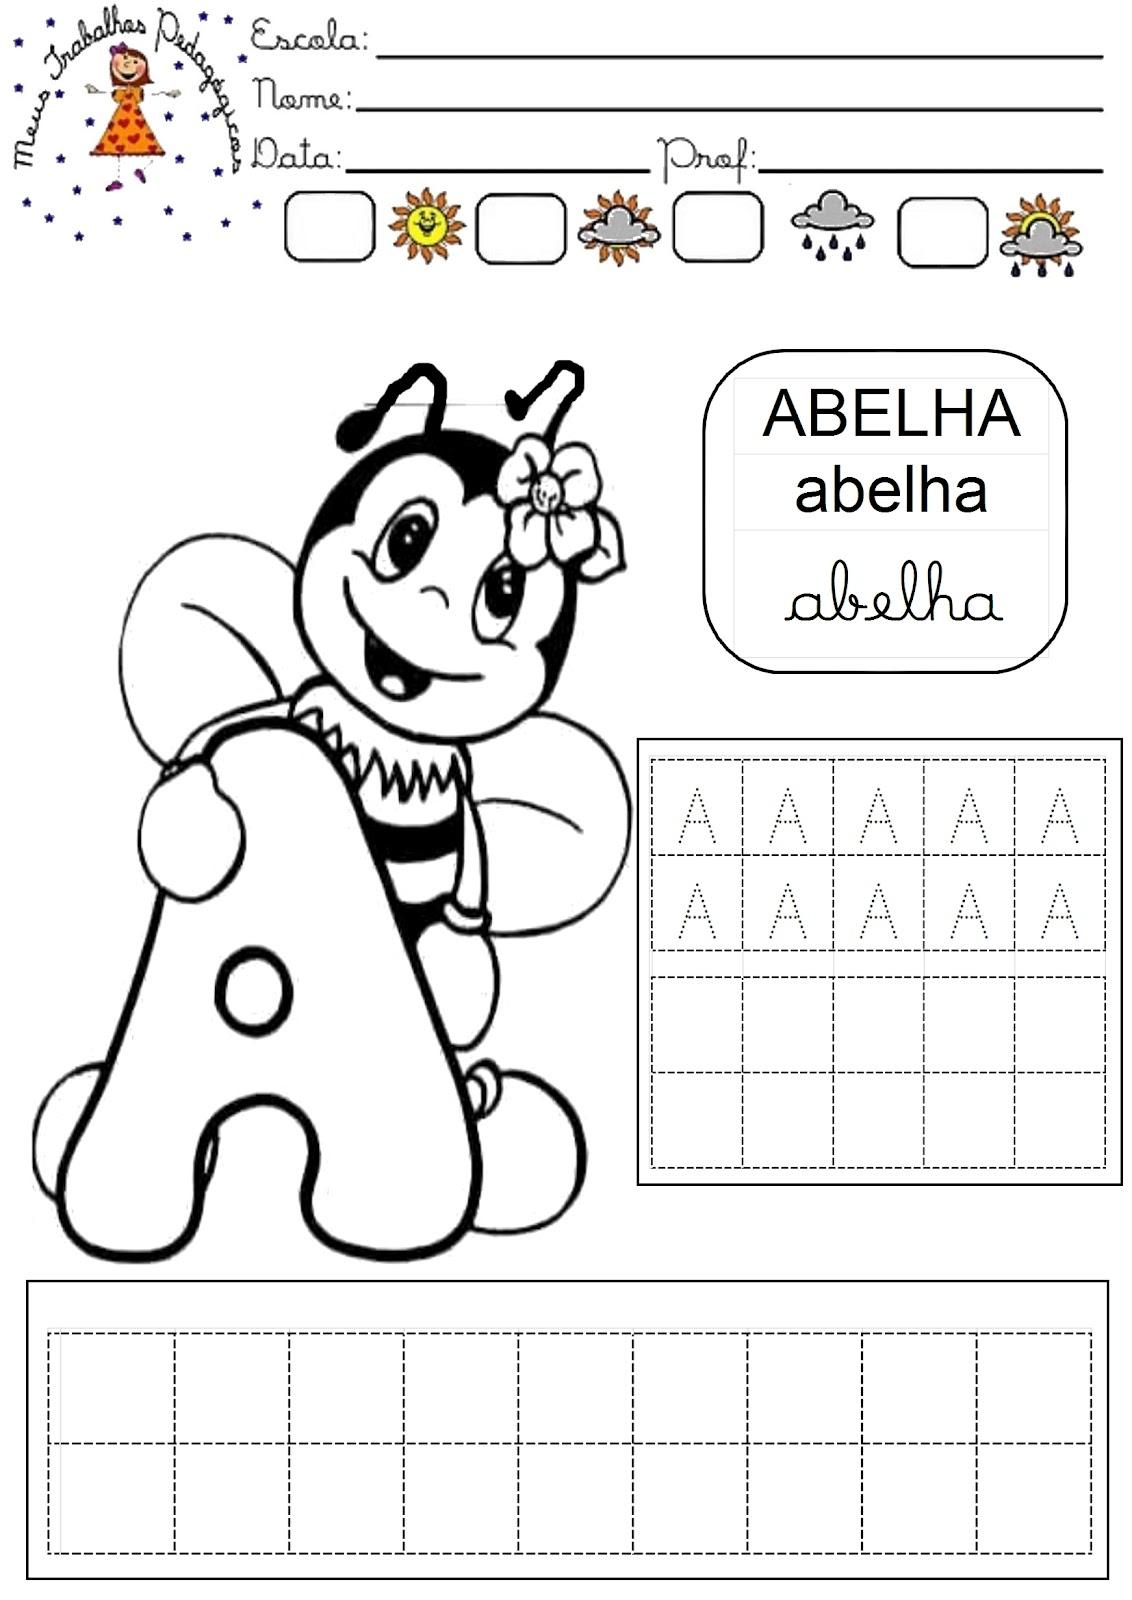 Super Meus Trabalhos Pedagógicos ®: Apostila alfabeto dos animais cobrir WH02